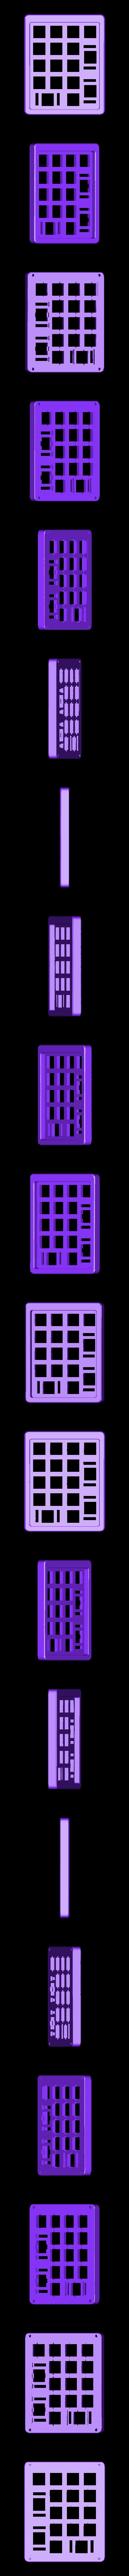 SiCK-PAD-top.stl Télécharger fichier STL gratuit Clavier mécanique - SiCK-PAD • Objet imprimable en 3D, FedorSosnin